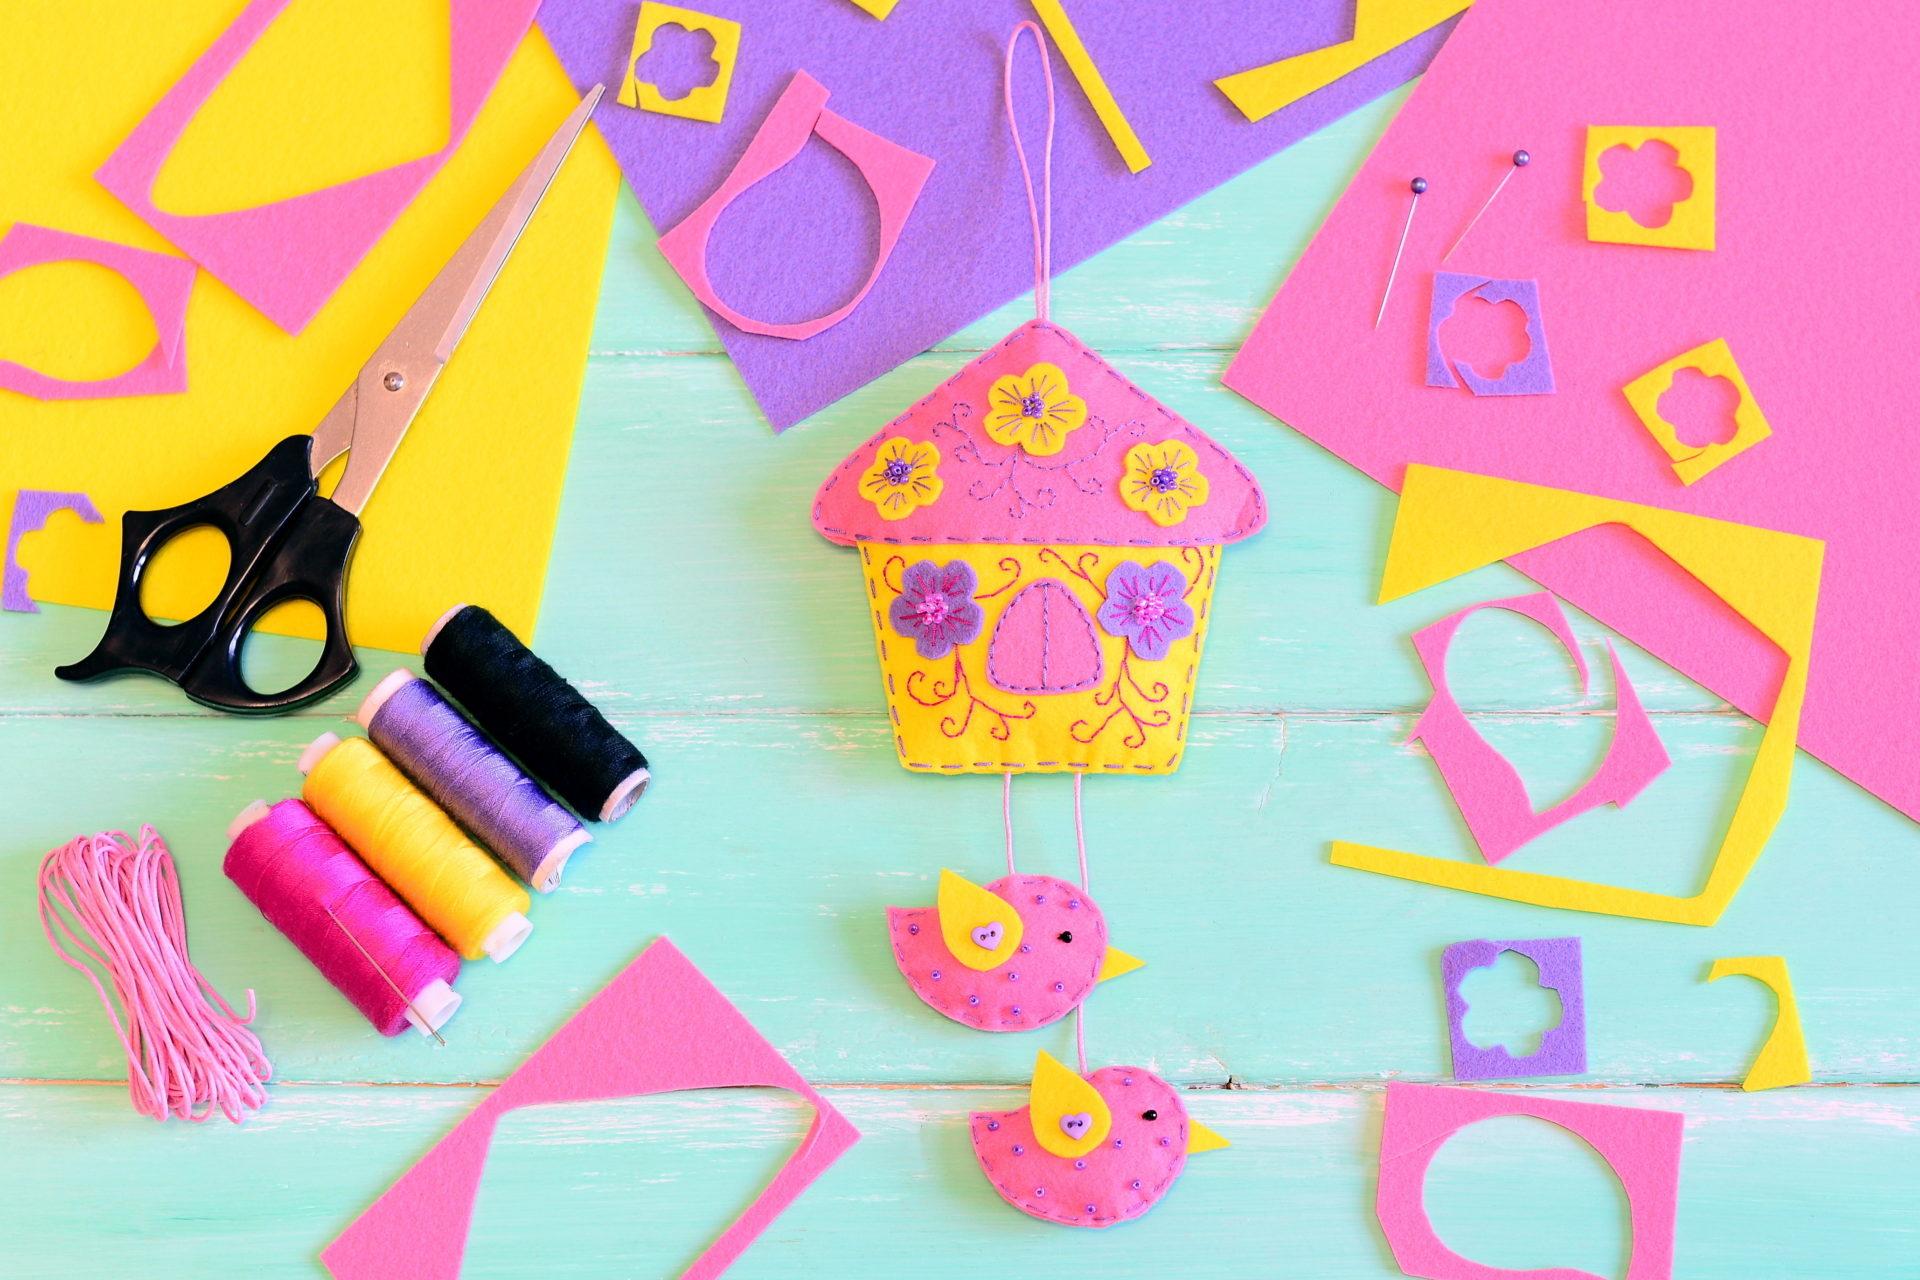 Activités Maternelle Printemps, Idées Bricolage De Printemps pour Découpage Collage Maternelle À Imprimer